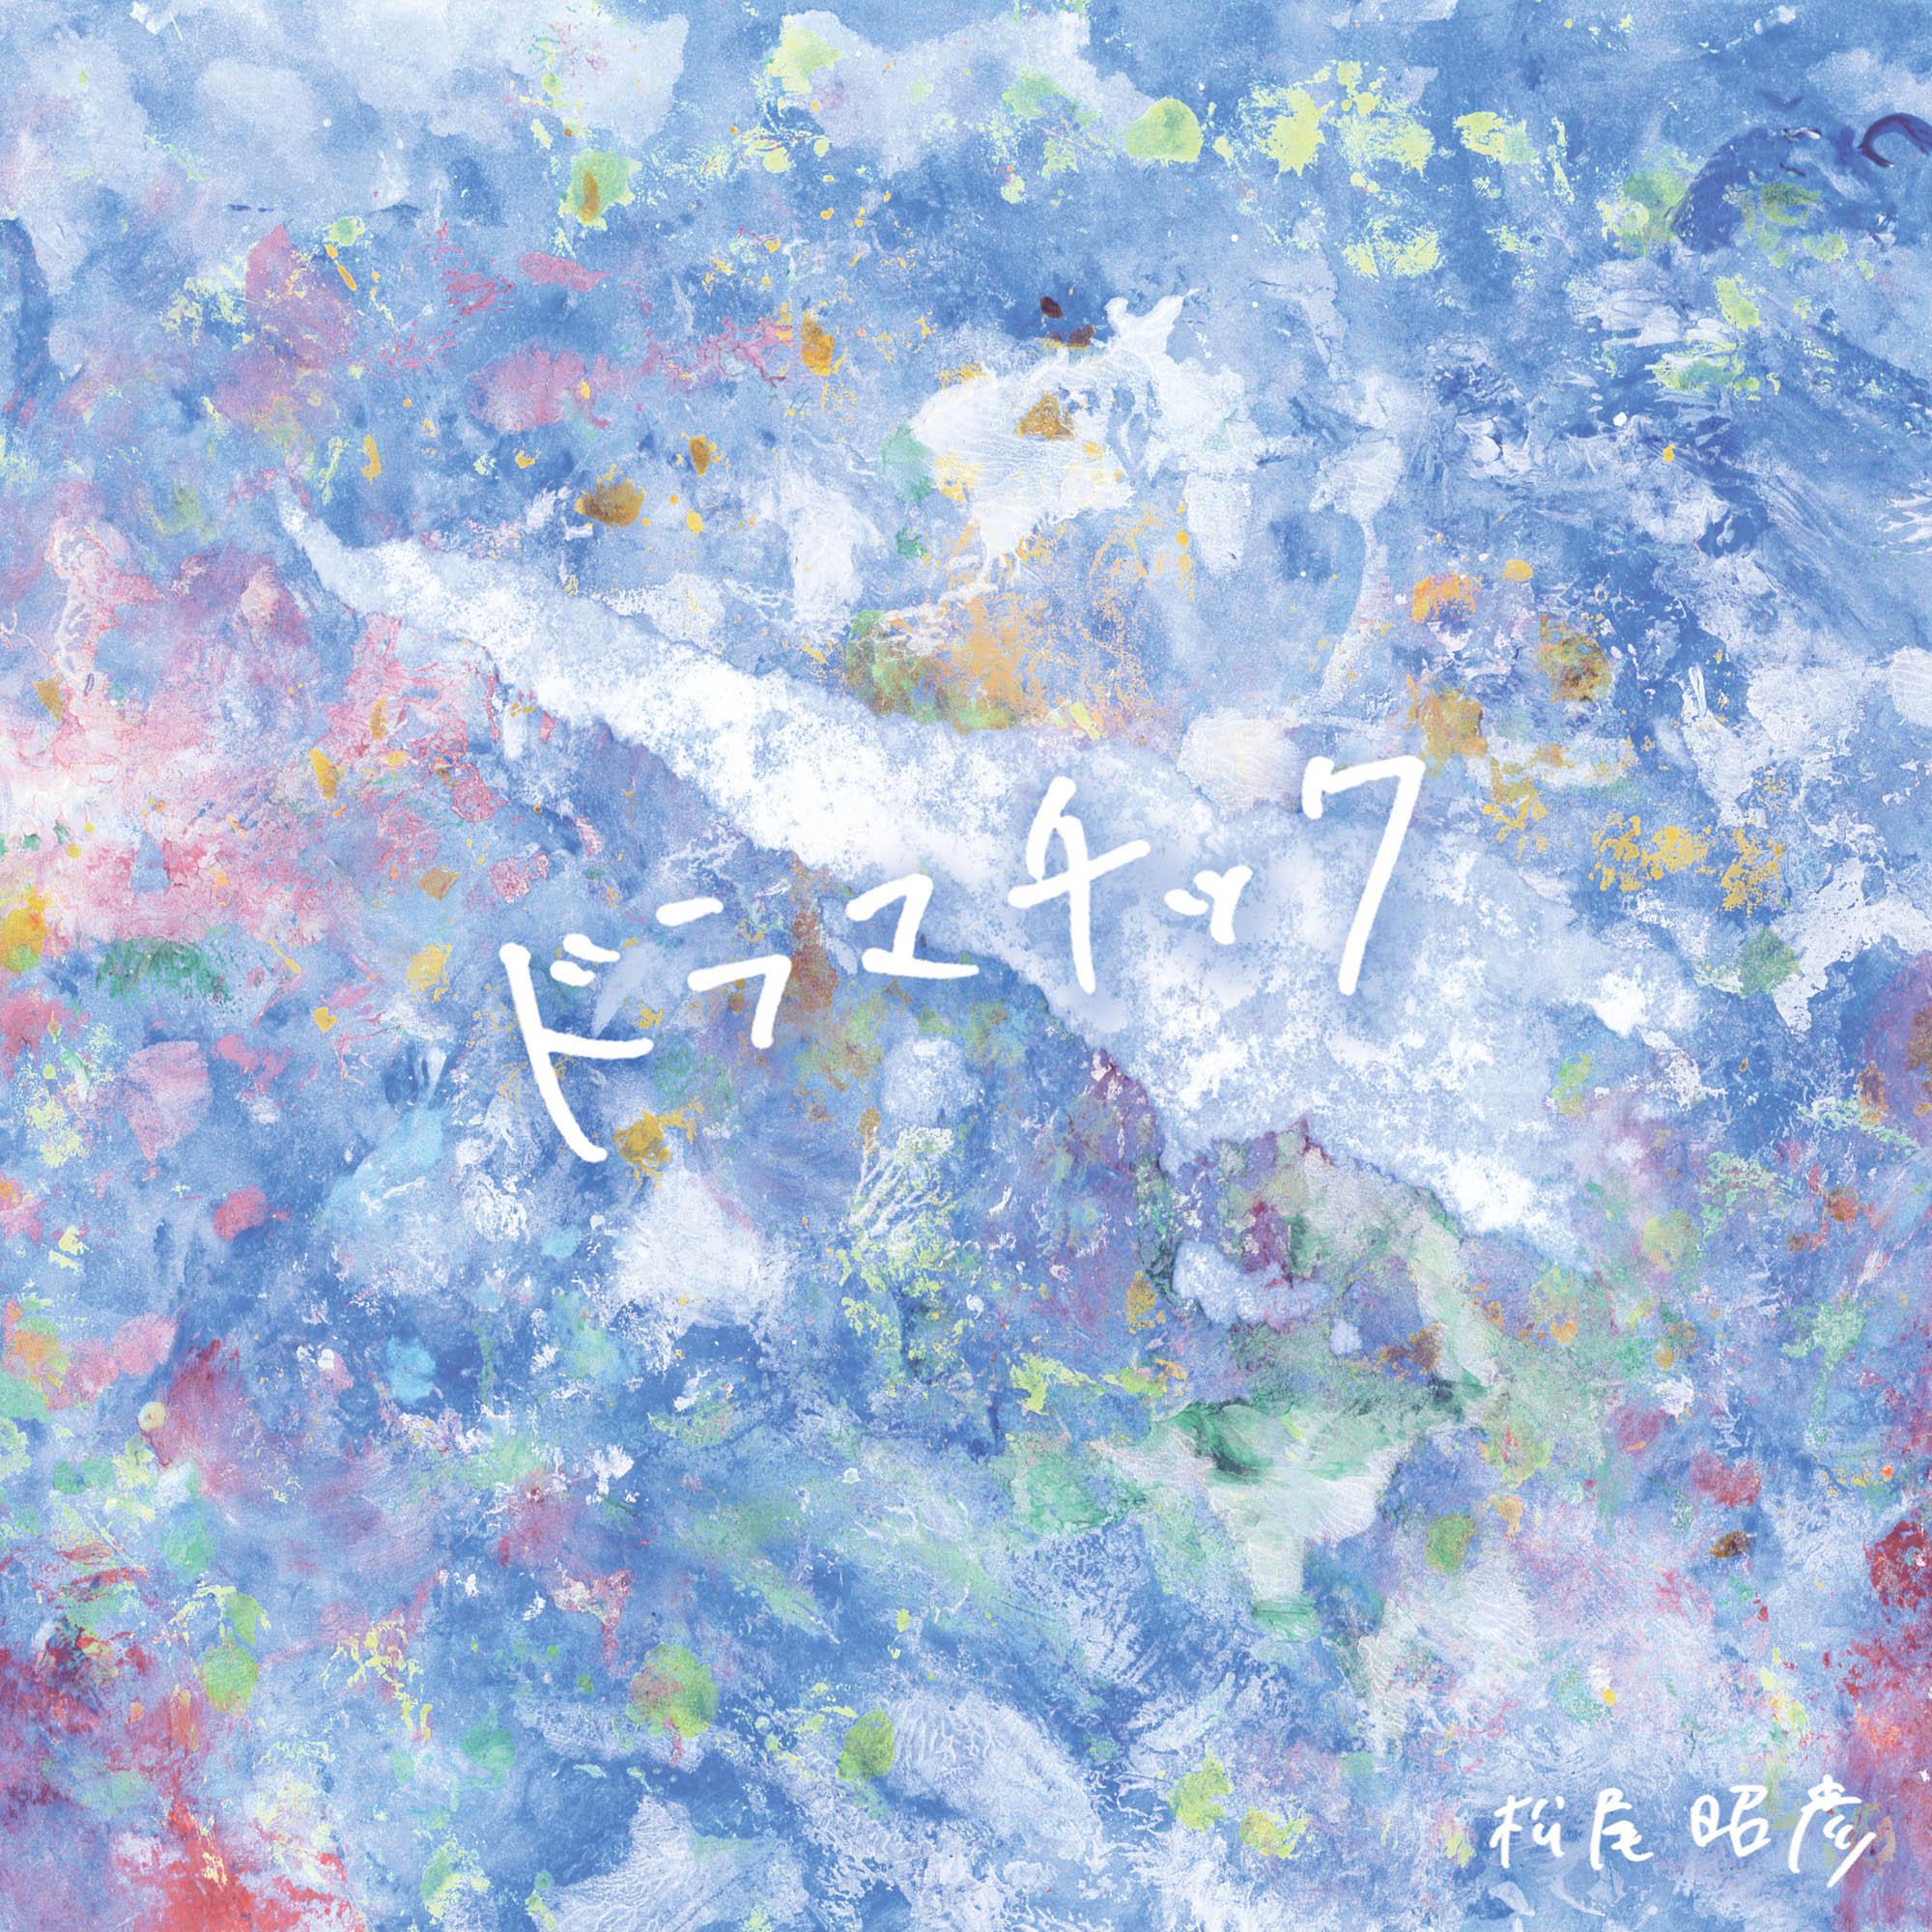 松尾昭彦、新作「ドラマチック」の全曲トレイラー公開。